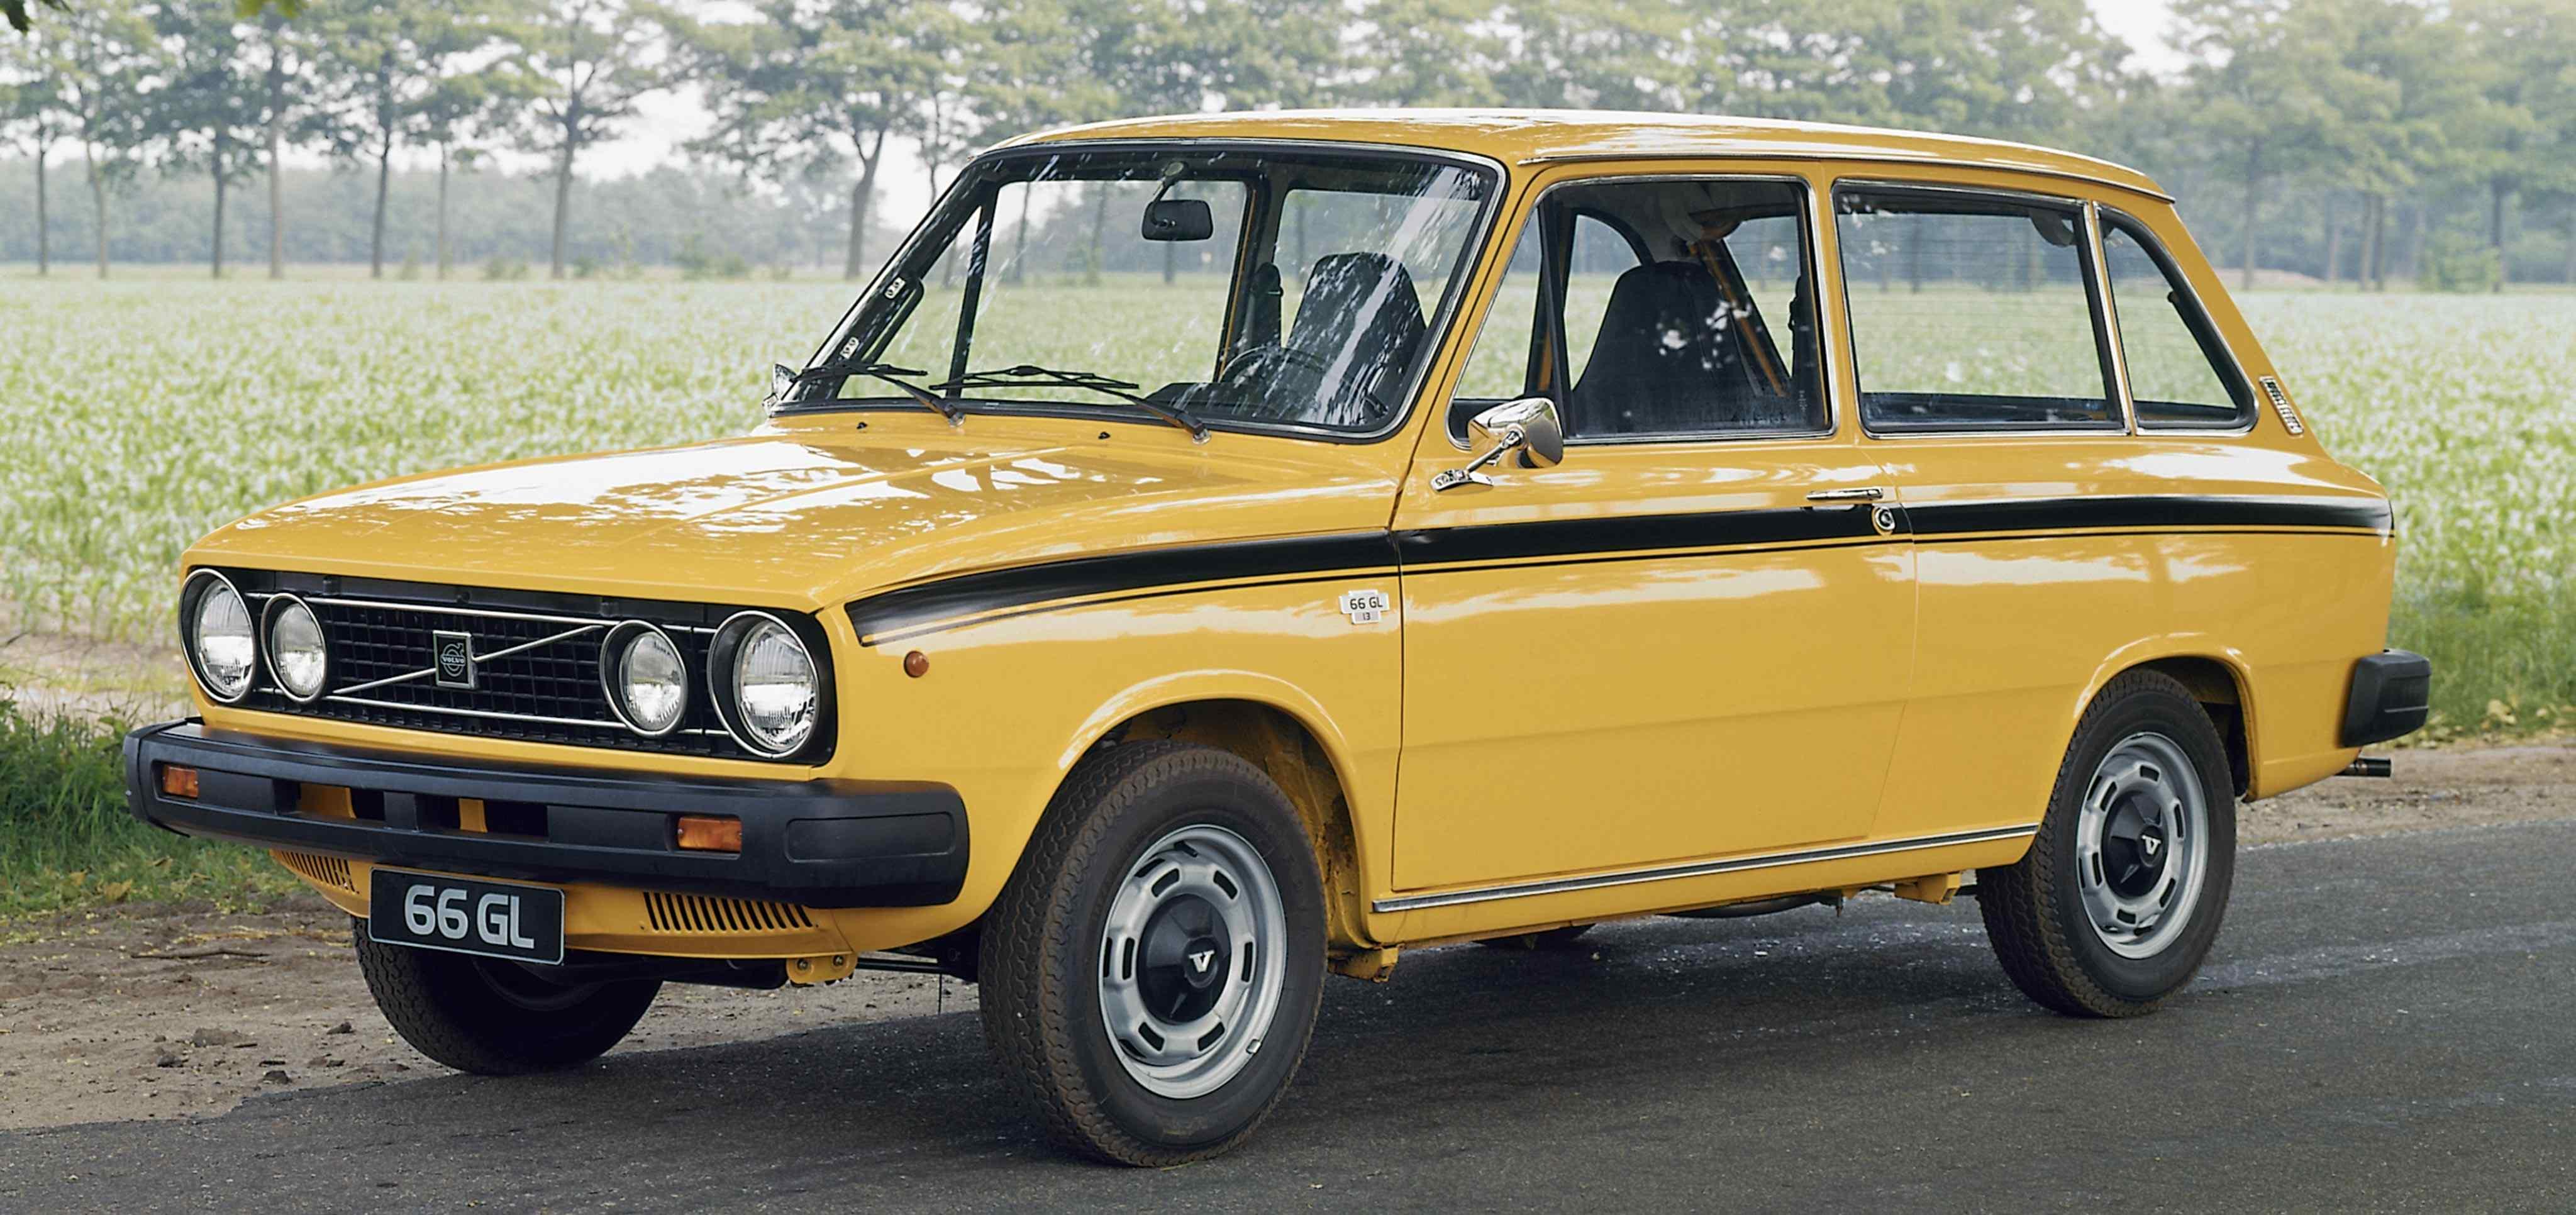 Un Volvo 66 de color amarillo aparcado en un camino rural